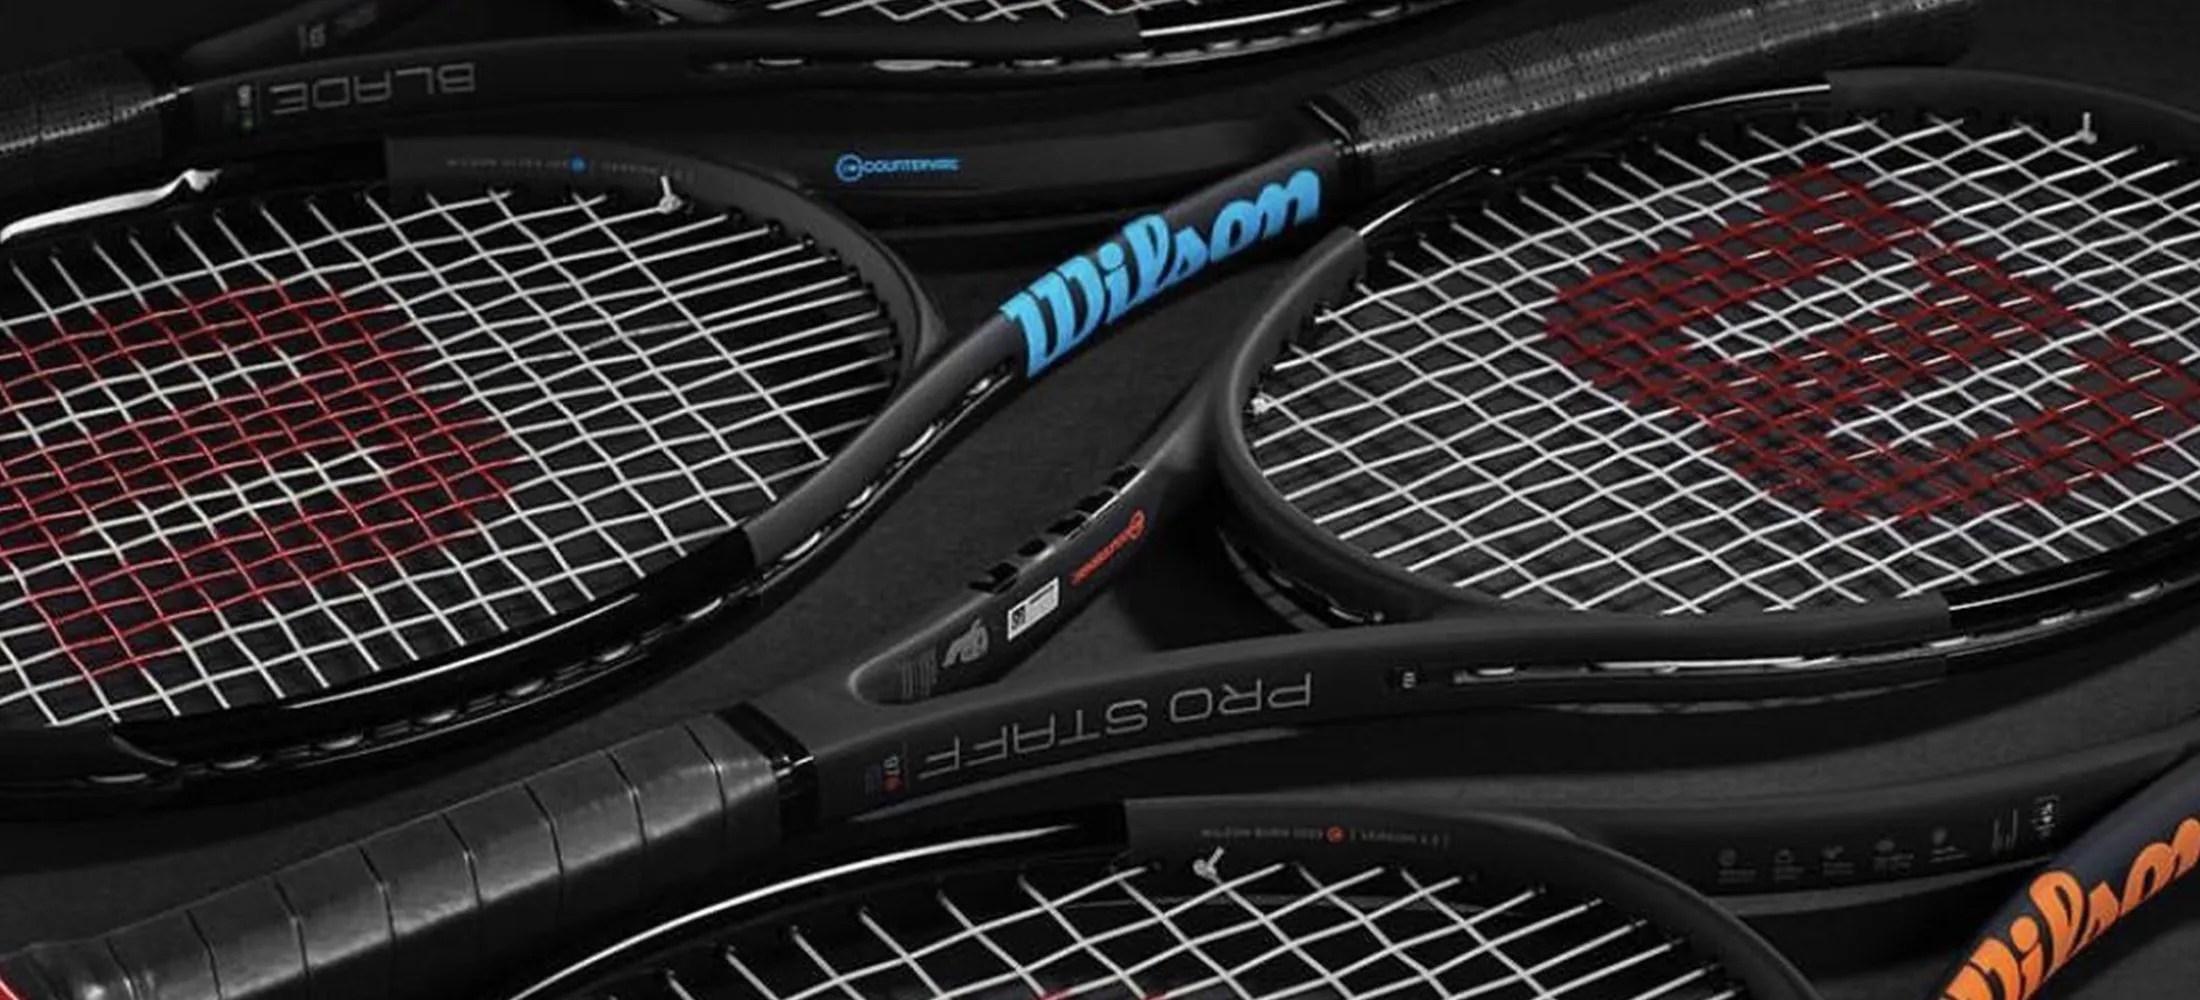 Top Tennis Brands